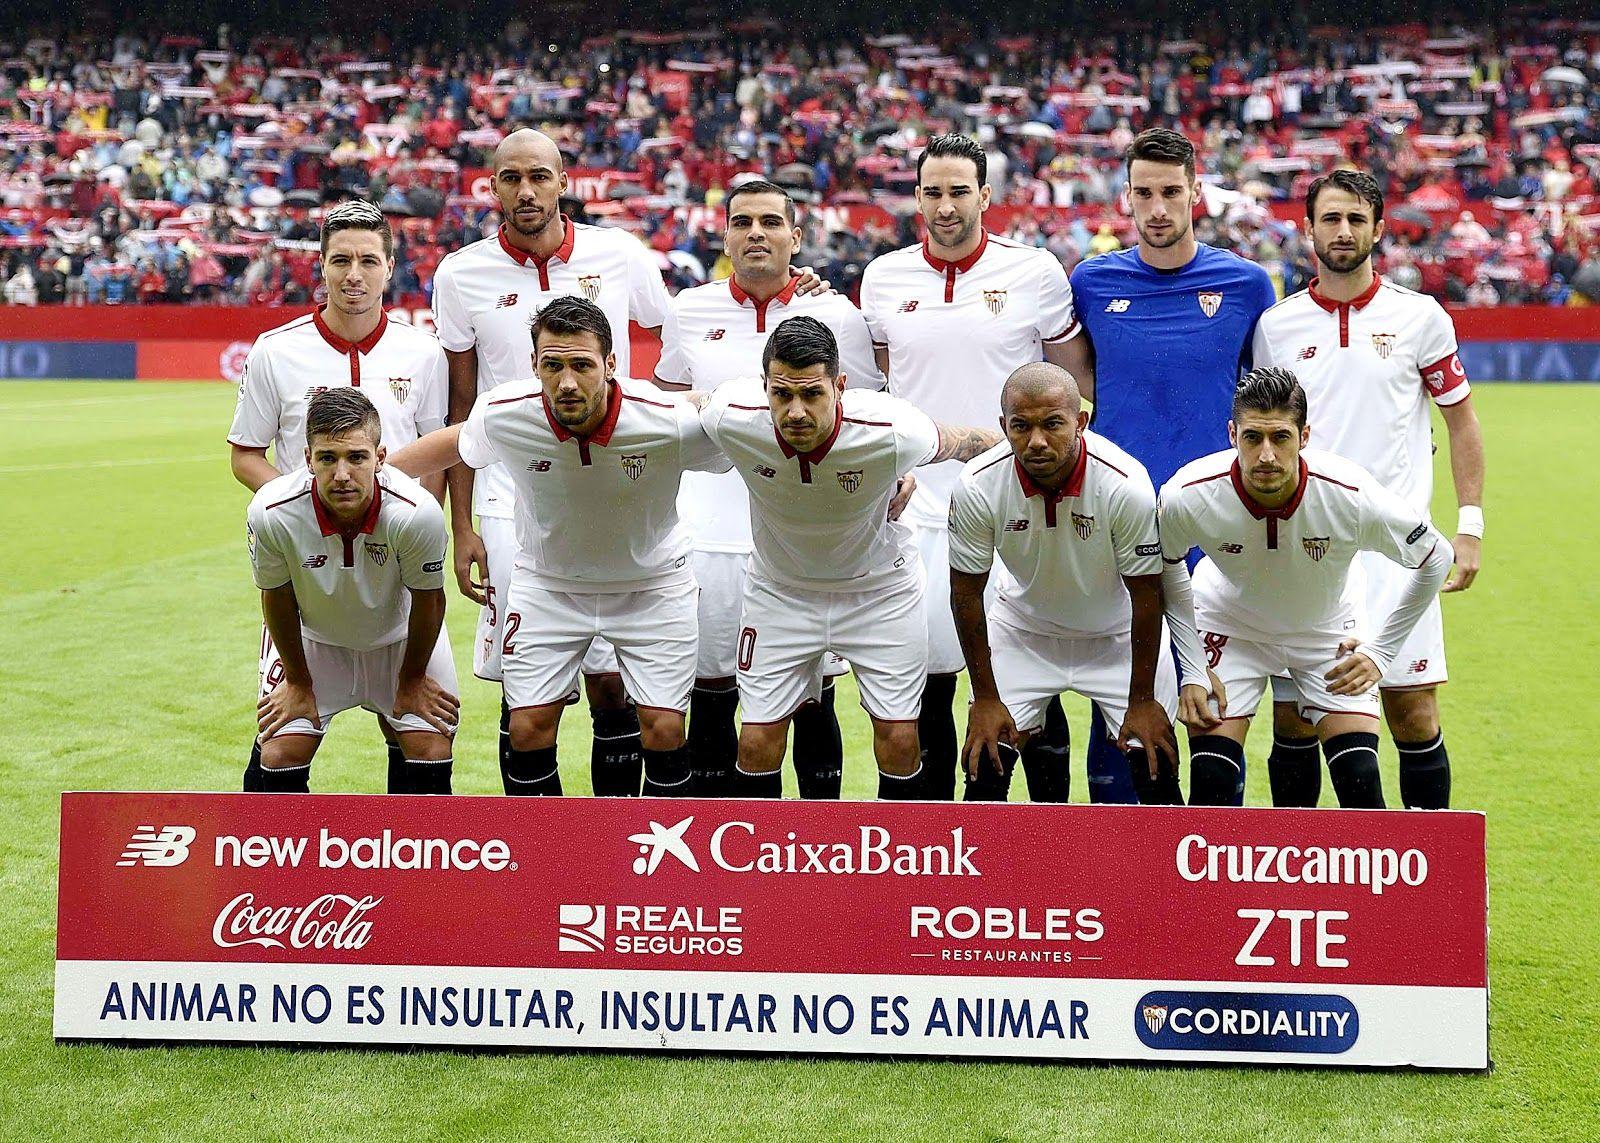 Sevilla F C Desde La Temporada 1908 09 A La Temporada 2016 17 Equipo De Futbol Atletico De Madrid Club Atletico De Madrid